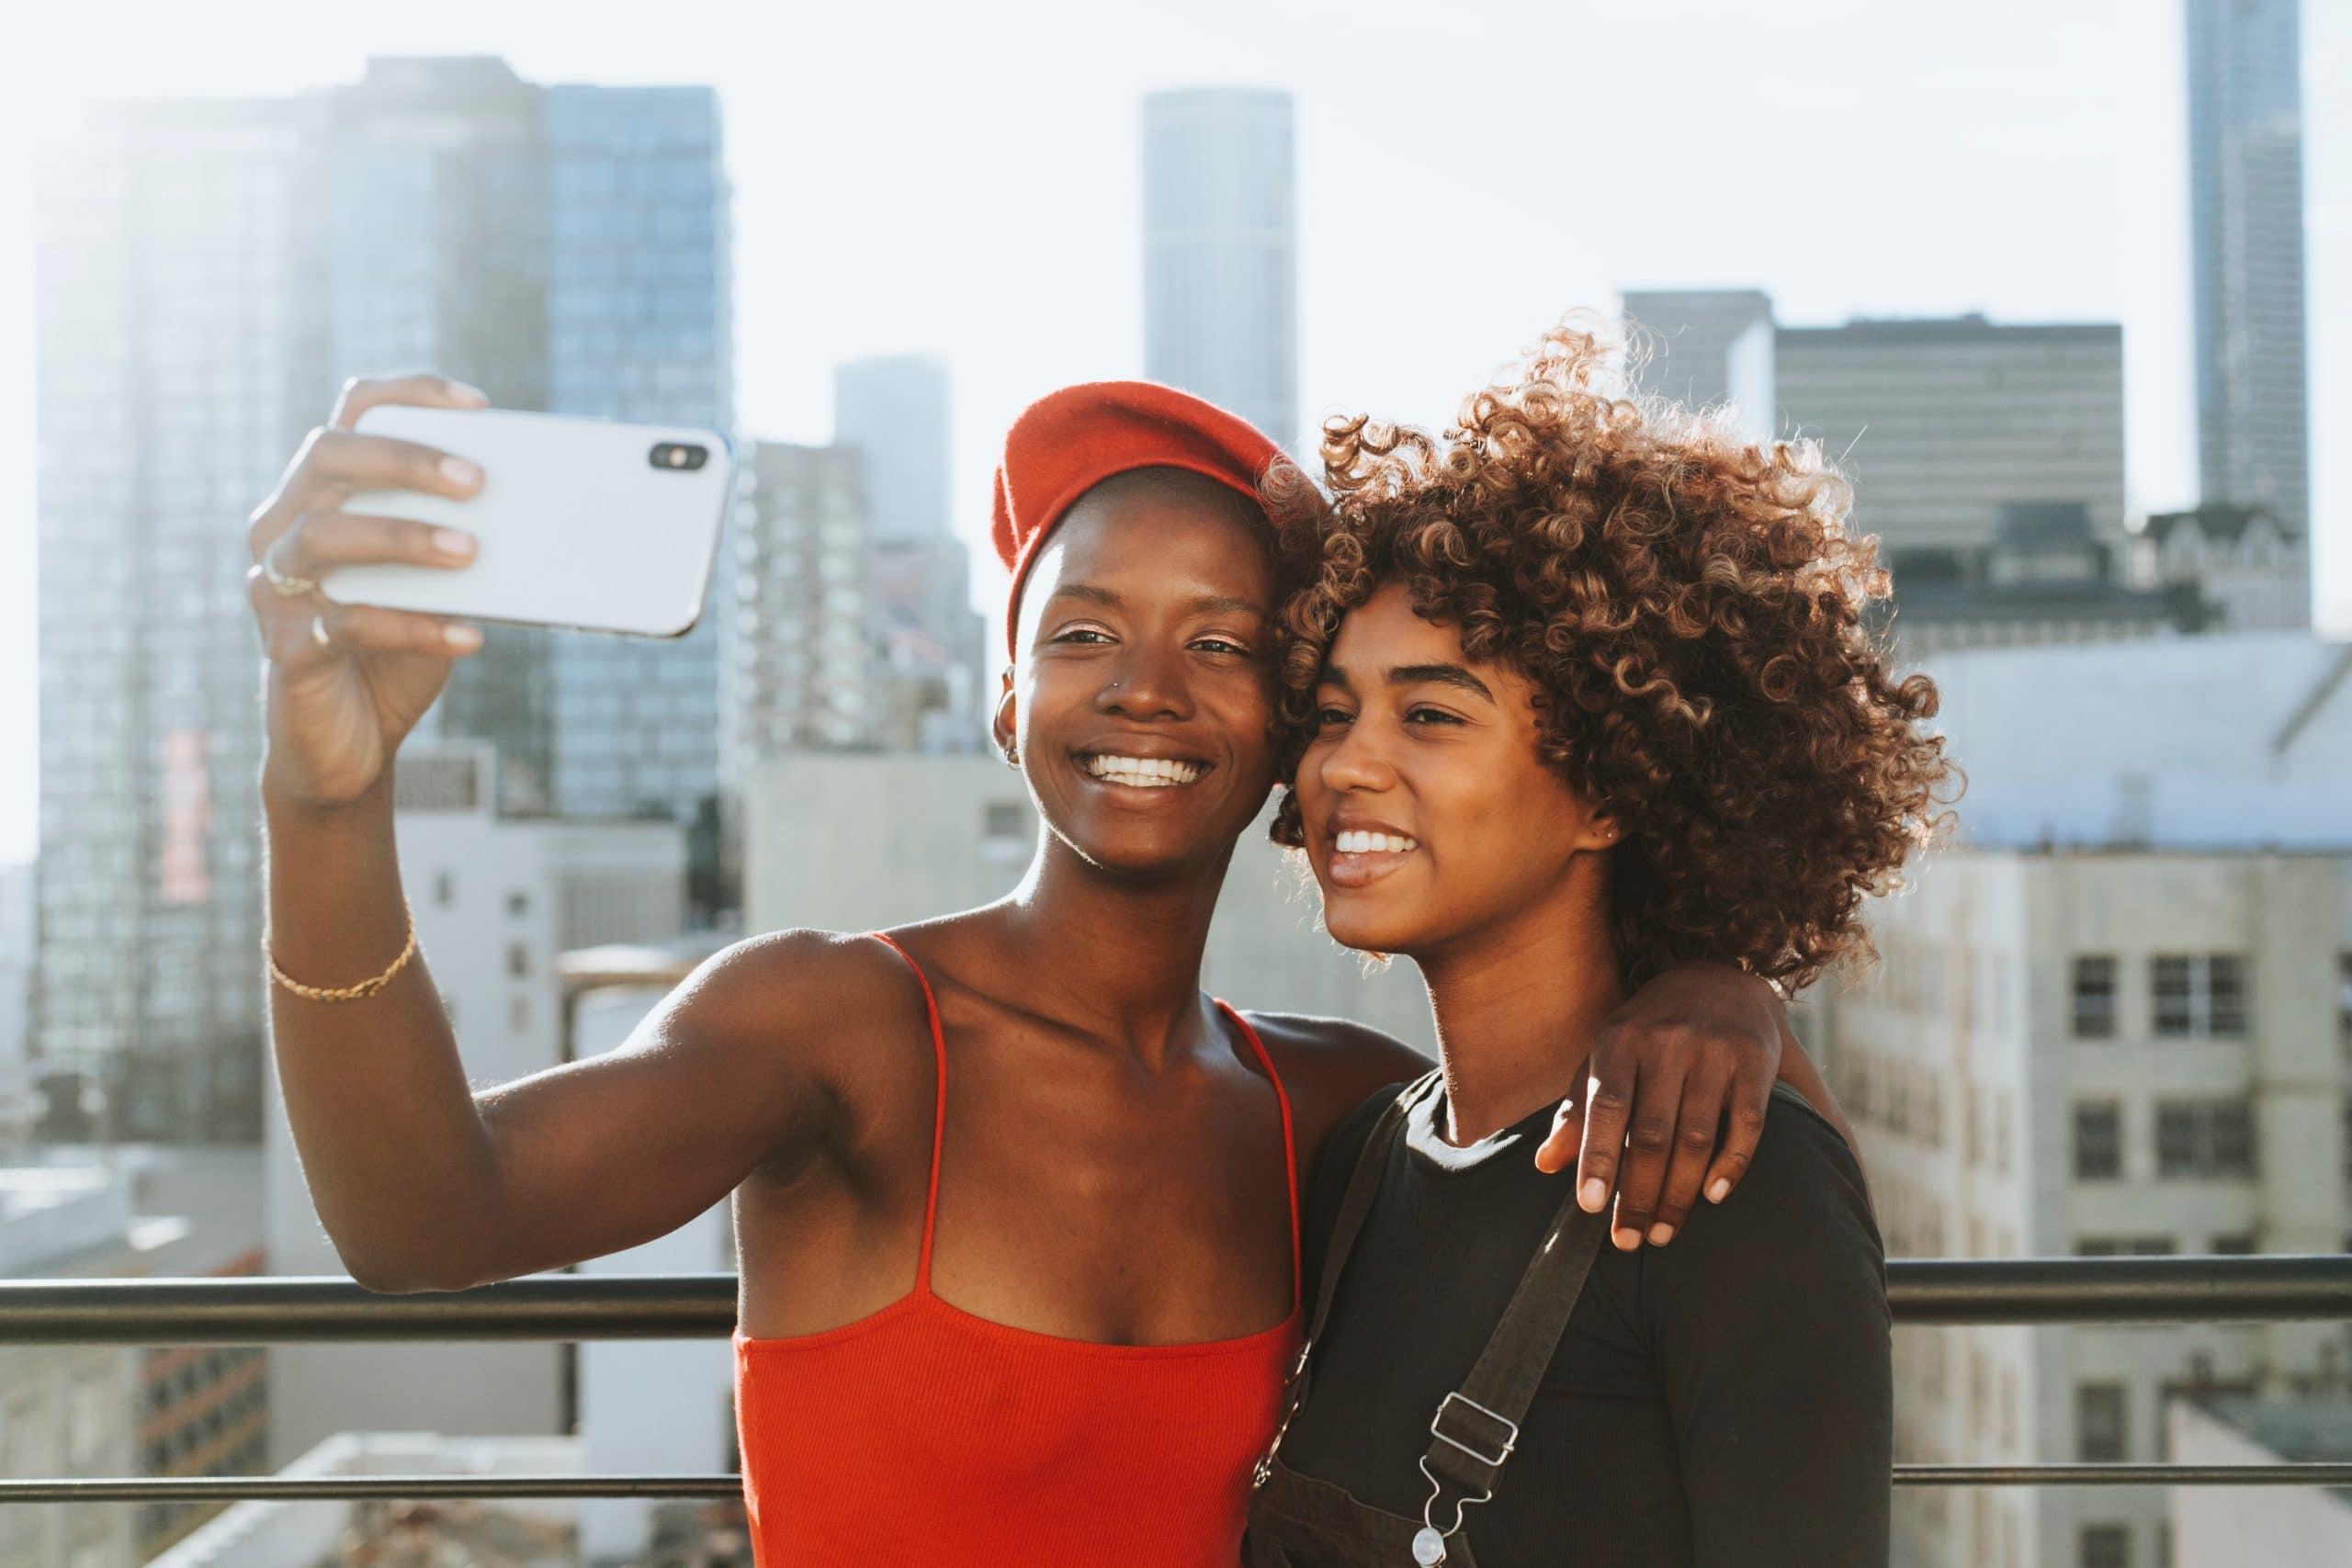 Duas jovens se abraçam e tiram uma selfie sorrindo, com a cidade ao fundo.